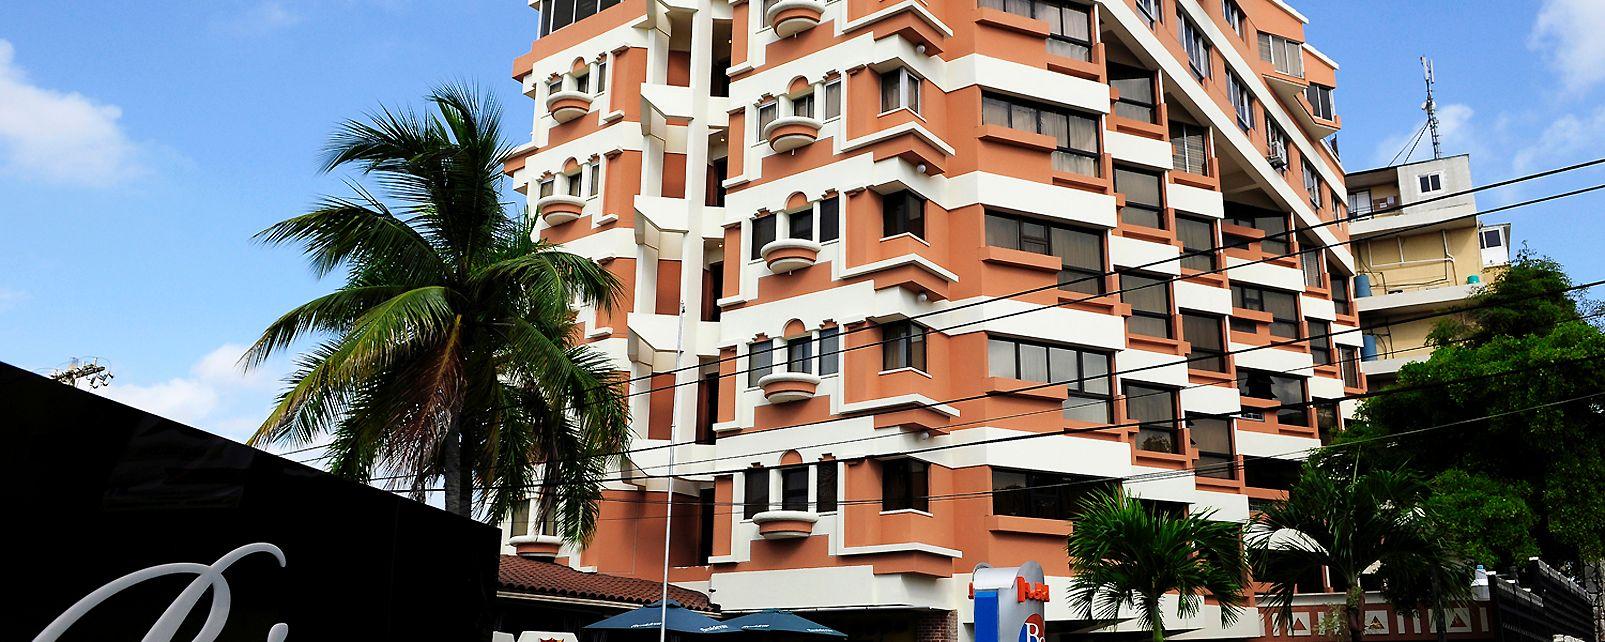 Hôtel BQ Santo Domingo